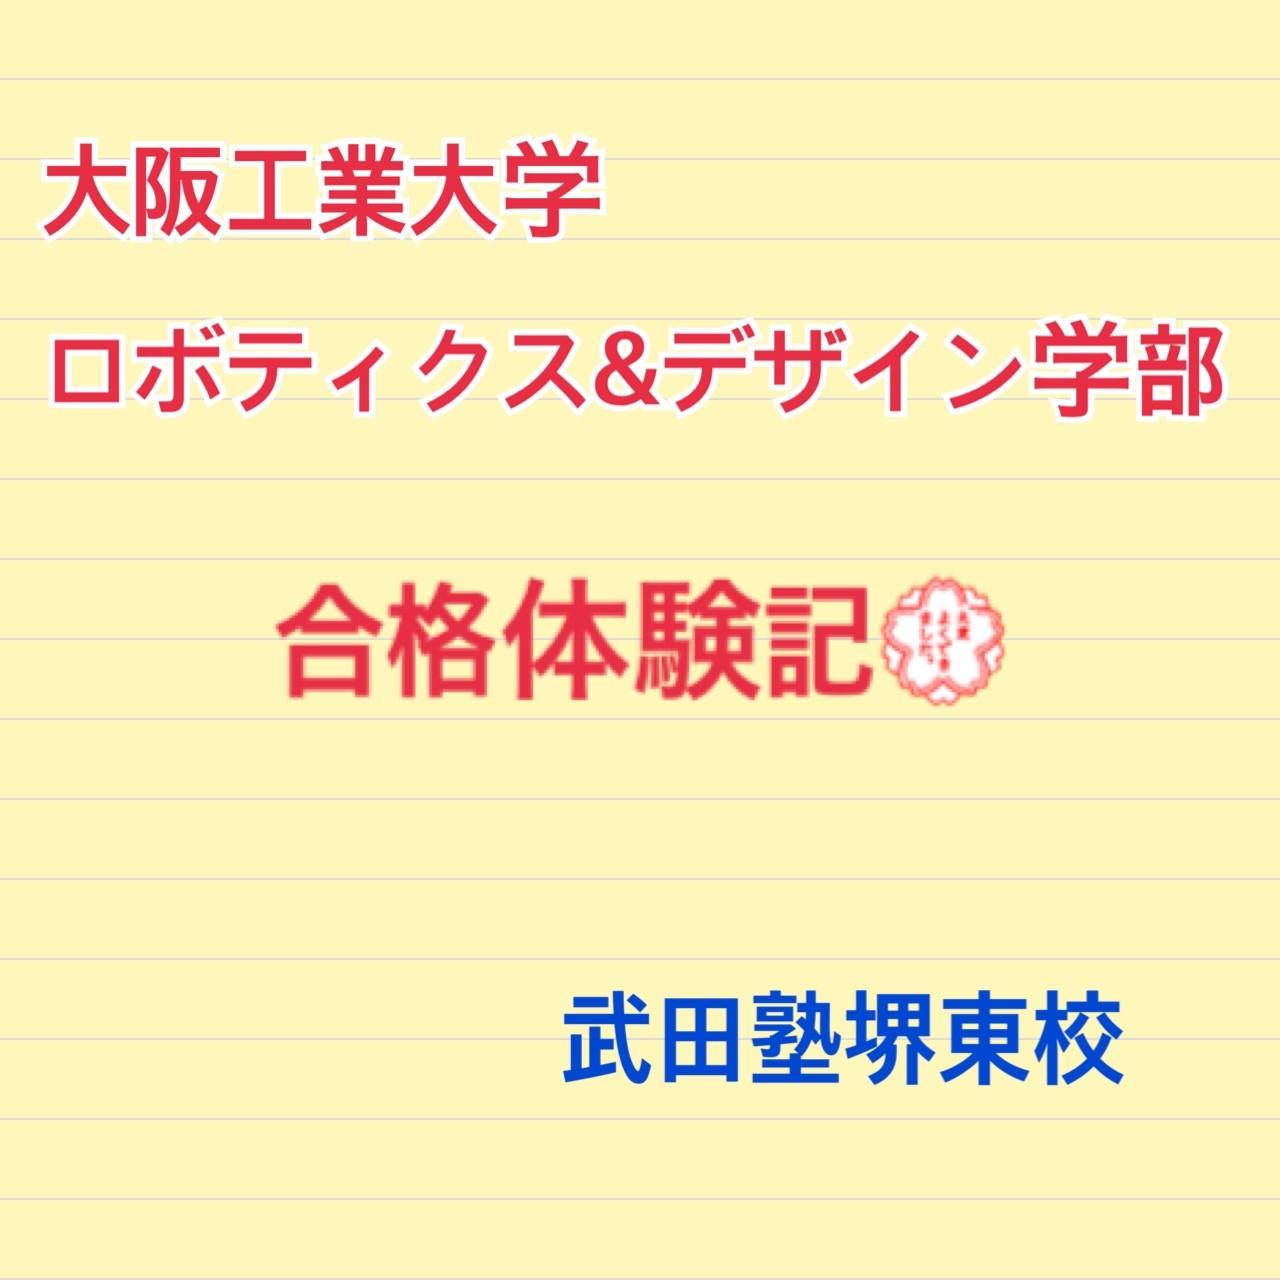 image0 (10)